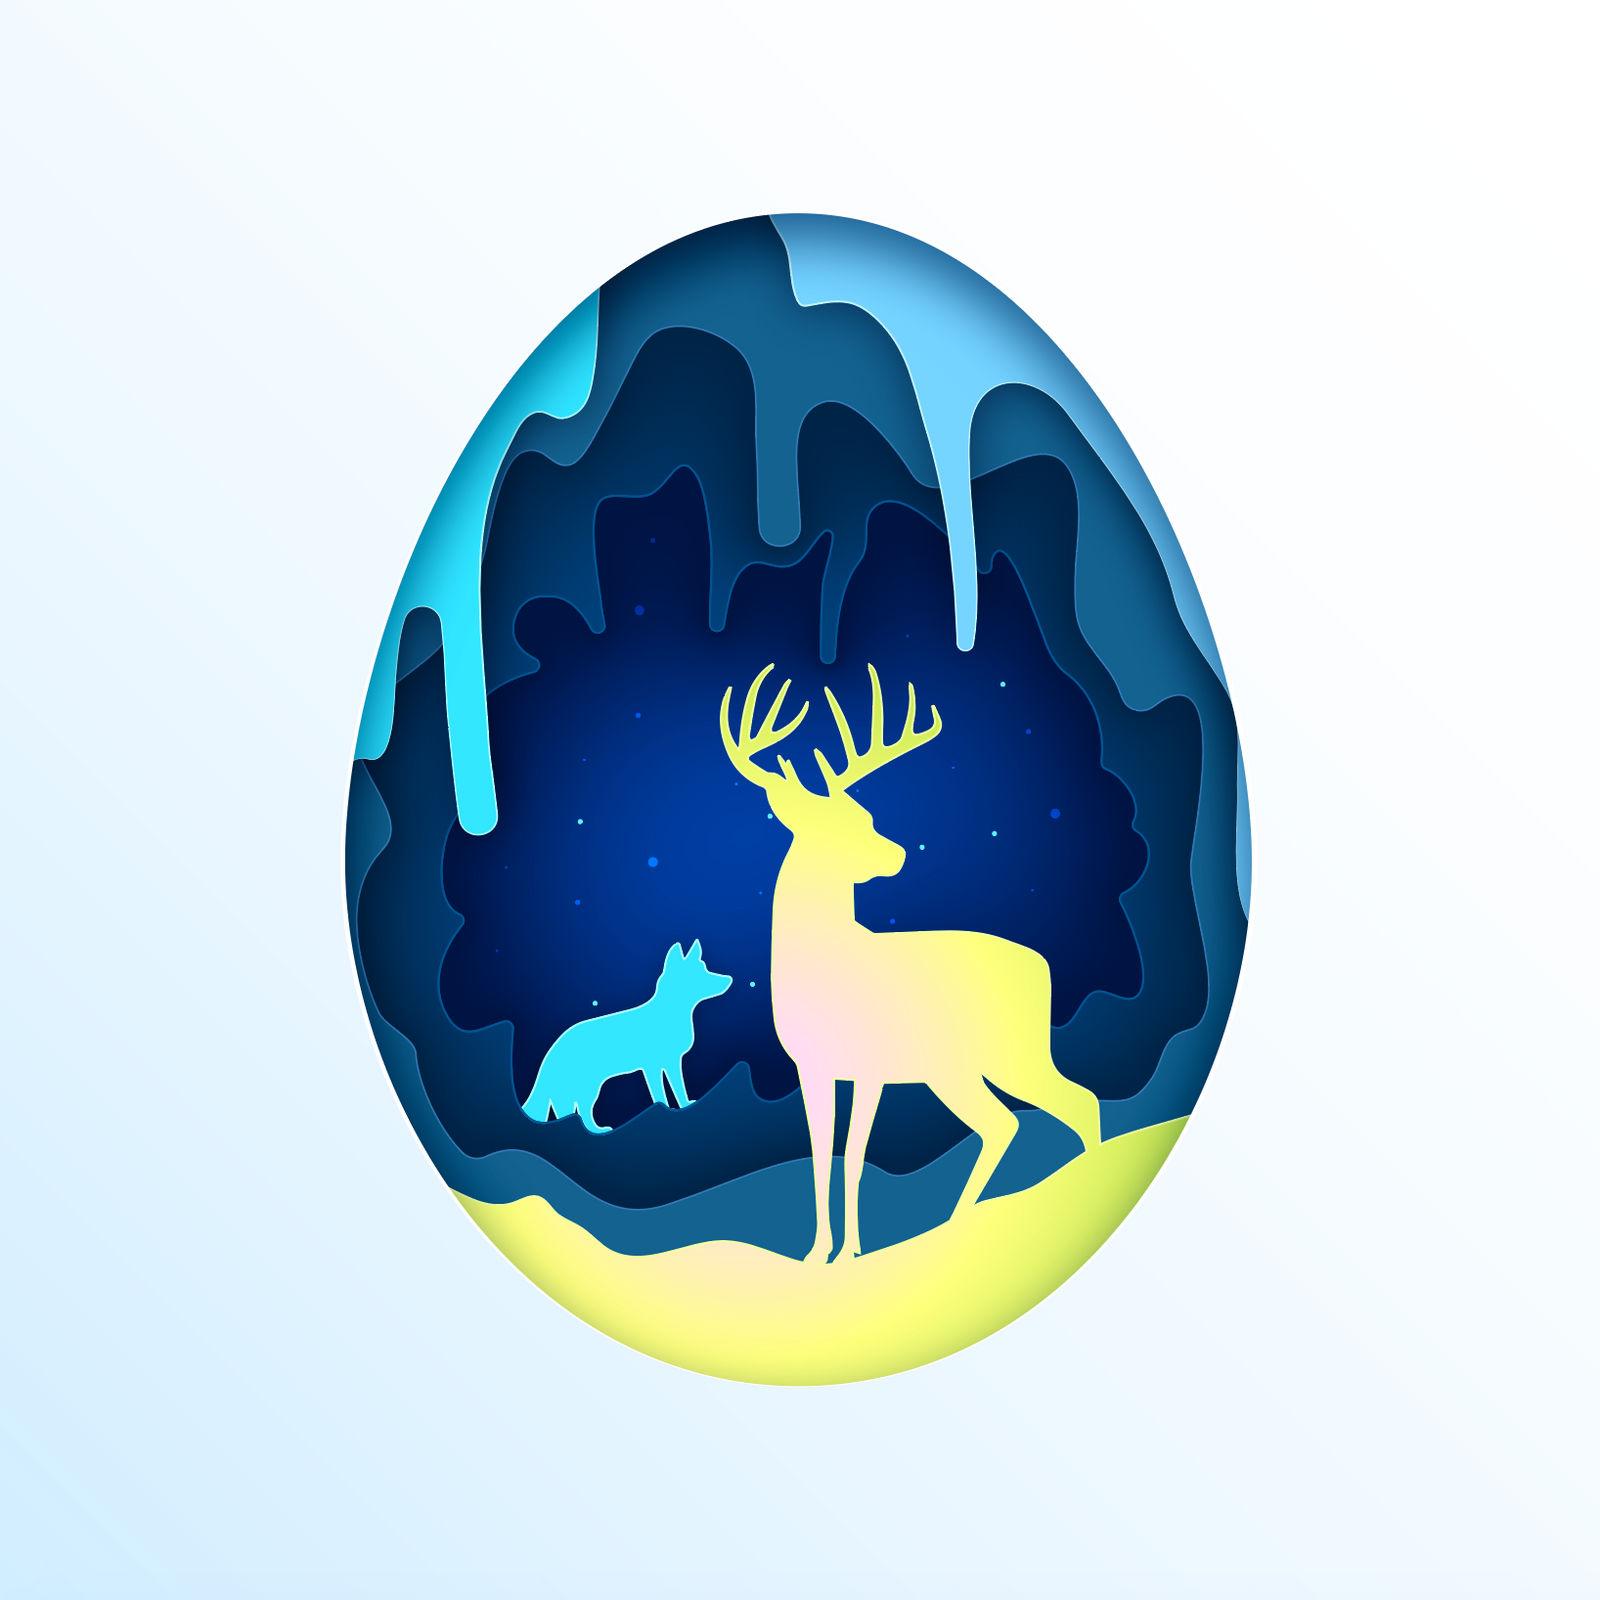 forest_2_by_romantar_ddu9qt0-fullview.jpg?token=eyJ0eXAiOiJKV1QiLCJhbGciOiJIUzI1NiJ9.eyJzdWIiOiJ1cm46YXBwOjdlMGQxODg5ODIyNjQzNzNhNWYwZDQxNWVhMGQyNmUwIiwiaXNzIjoidXJuOmFwcDo3ZTBkMTg4OTgyMjY0MzczYTVmMGQ0MTVlYTBkMjZlMCIsIm9iaiI6W1t7ImhlaWdodCI6Ijw9MTYwMCIsInBhdGgiOiJcL2ZcL2Q3YTg4OWE5LTRlYjMtNDVjYS04ZTU1LTBiYTYzNDhhODQxZFwvZGR1OXF0MC03NjZjMTA0MC0zMzI3LTQ5Y2ItYTg2My0yYTIyNGNjMjExZmMucG5nIiwid2lkdGgiOiI8PTE2MDAifV1dLCJhdWQiOlsidXJuOnNlcnZpY2U6aW1hZ2Uub3BlcmF0aW9ucyJdfQ.ONRpHOU9v5RvJPMWWRXex4RYm-RyBVYi1QUVFwoMl-0